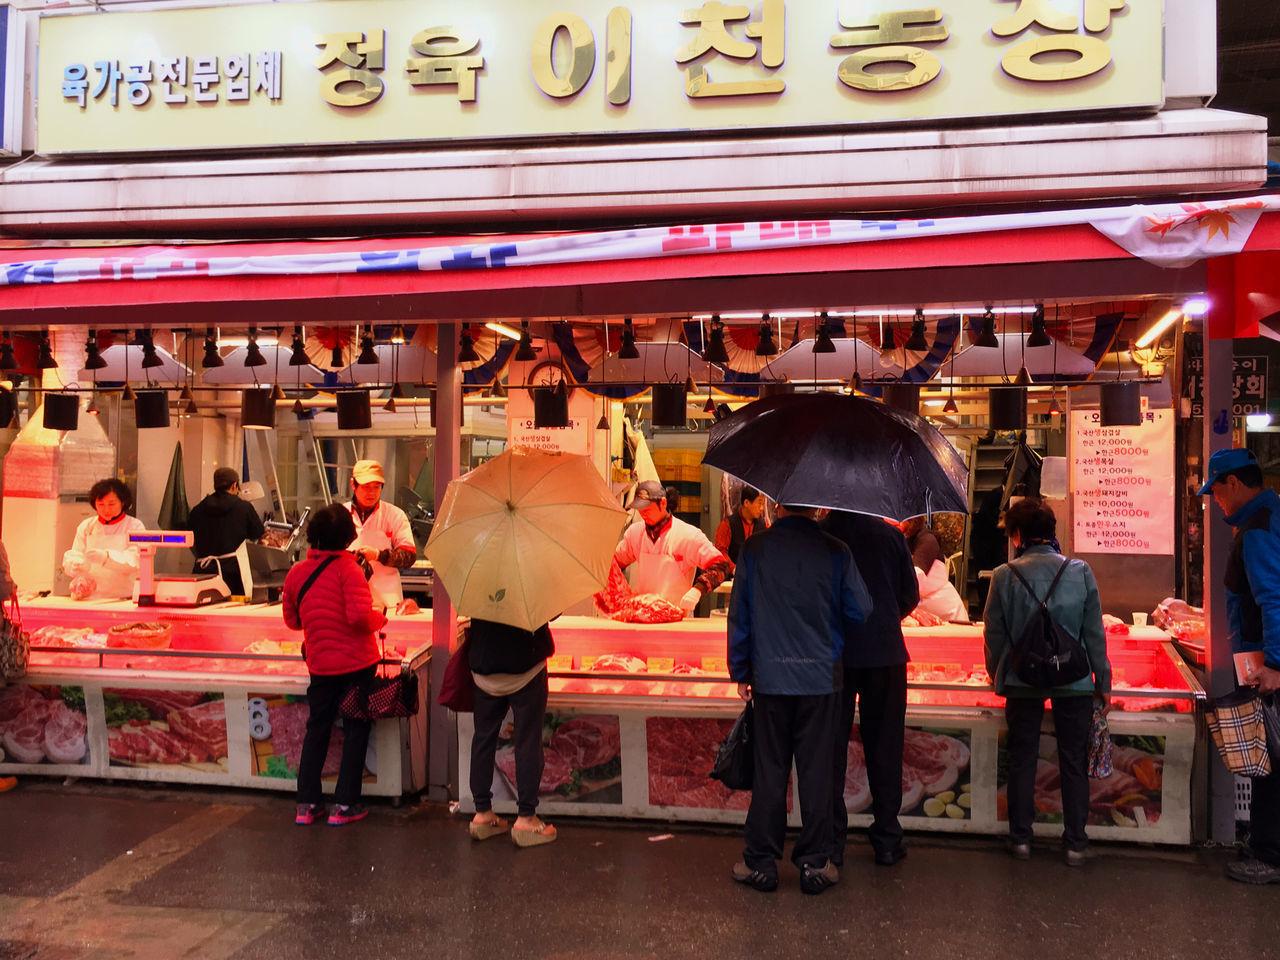 肉はサシの入ったものよりも、赤身と脂身がはっきりも分かれているものが好まれるようで、親近感がわく。最近の日本のサシの入った肉は苦手なので、いろんな食材や部位を使った料理のレパトリーも豊富で、店ではいつもチョイスに悩む。(笑)精肉店は、目の前で切るなどの処理を心掛けているようで、決して客に背を向けたり奥で調理をするということがない感じ。手元と食材の全てを見せている。 EyeEm Korea Korea Koreatown Streetphotography Korean Food Herbal Medicine Market Meat! Meat! Meat!